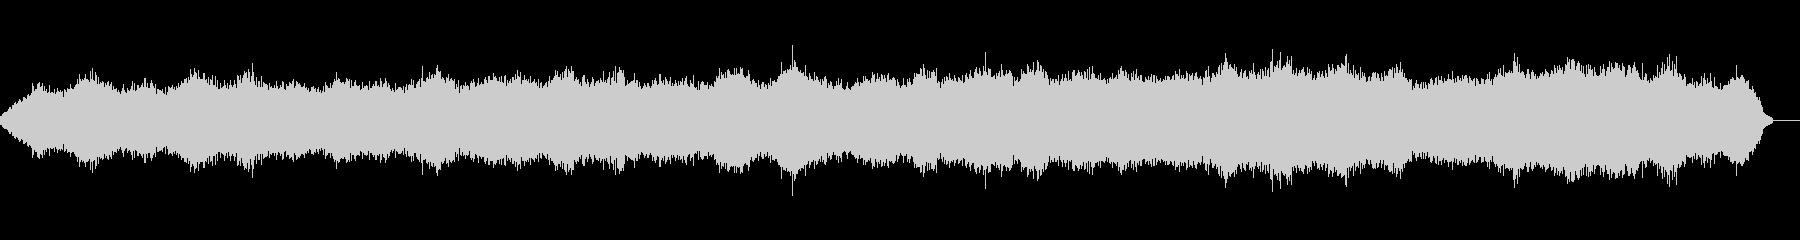 ヒーリング ディープ3の未再生の波形